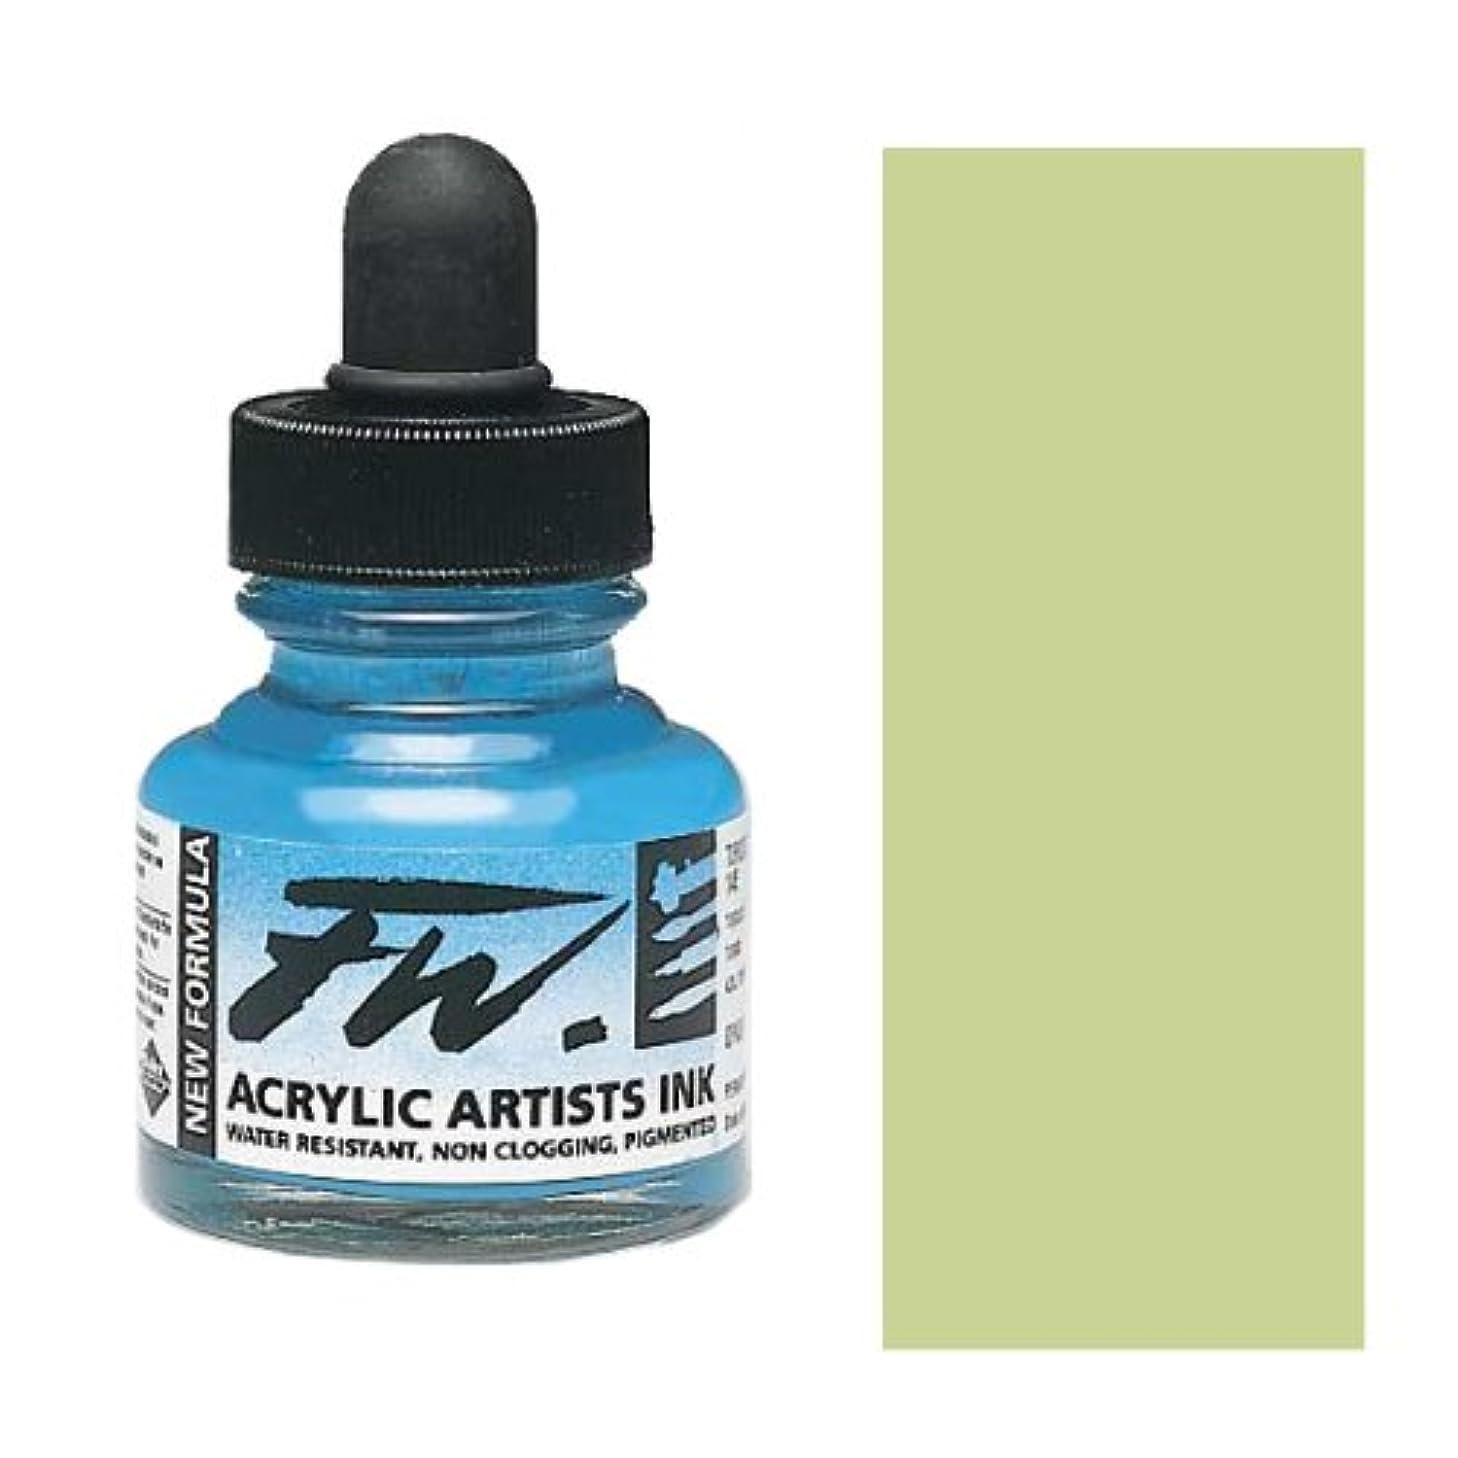 Daler-Rowney FW Artists' Ink shimmering green 1 oz.